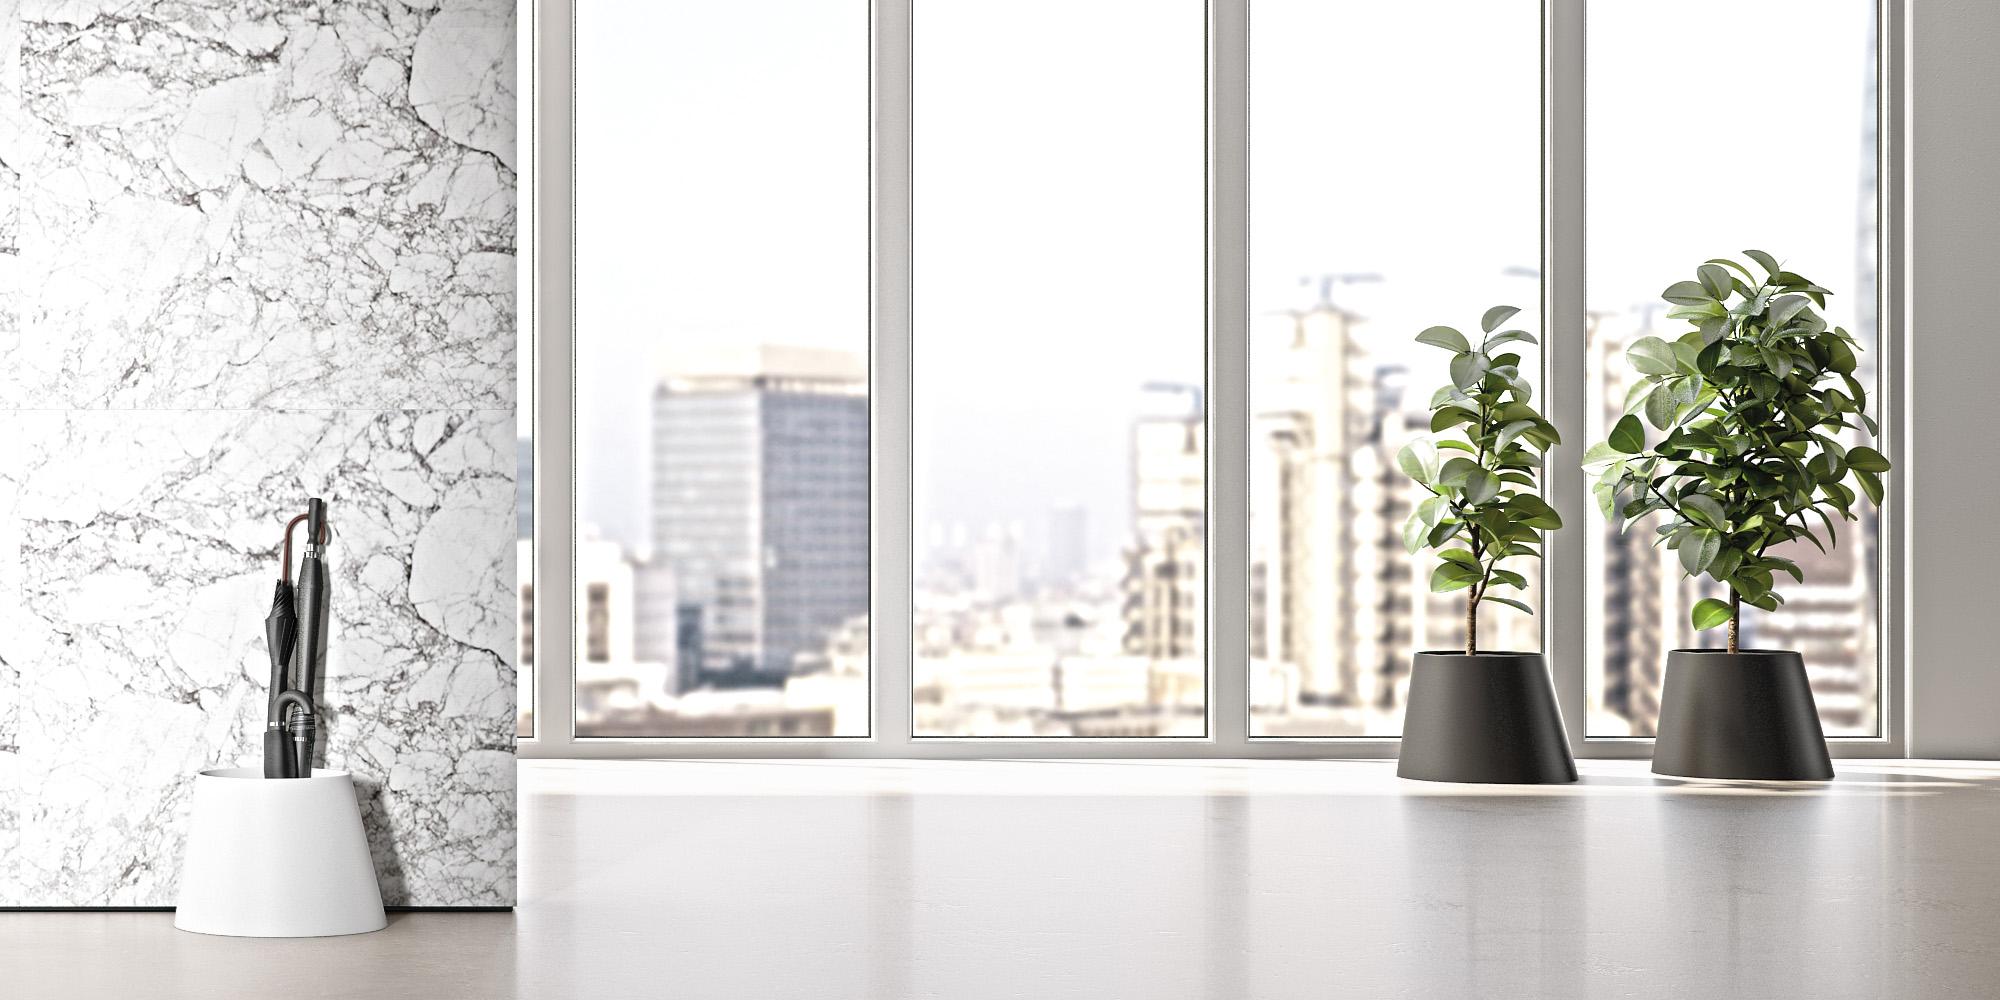 oficinas complementos - complementos y accesorios